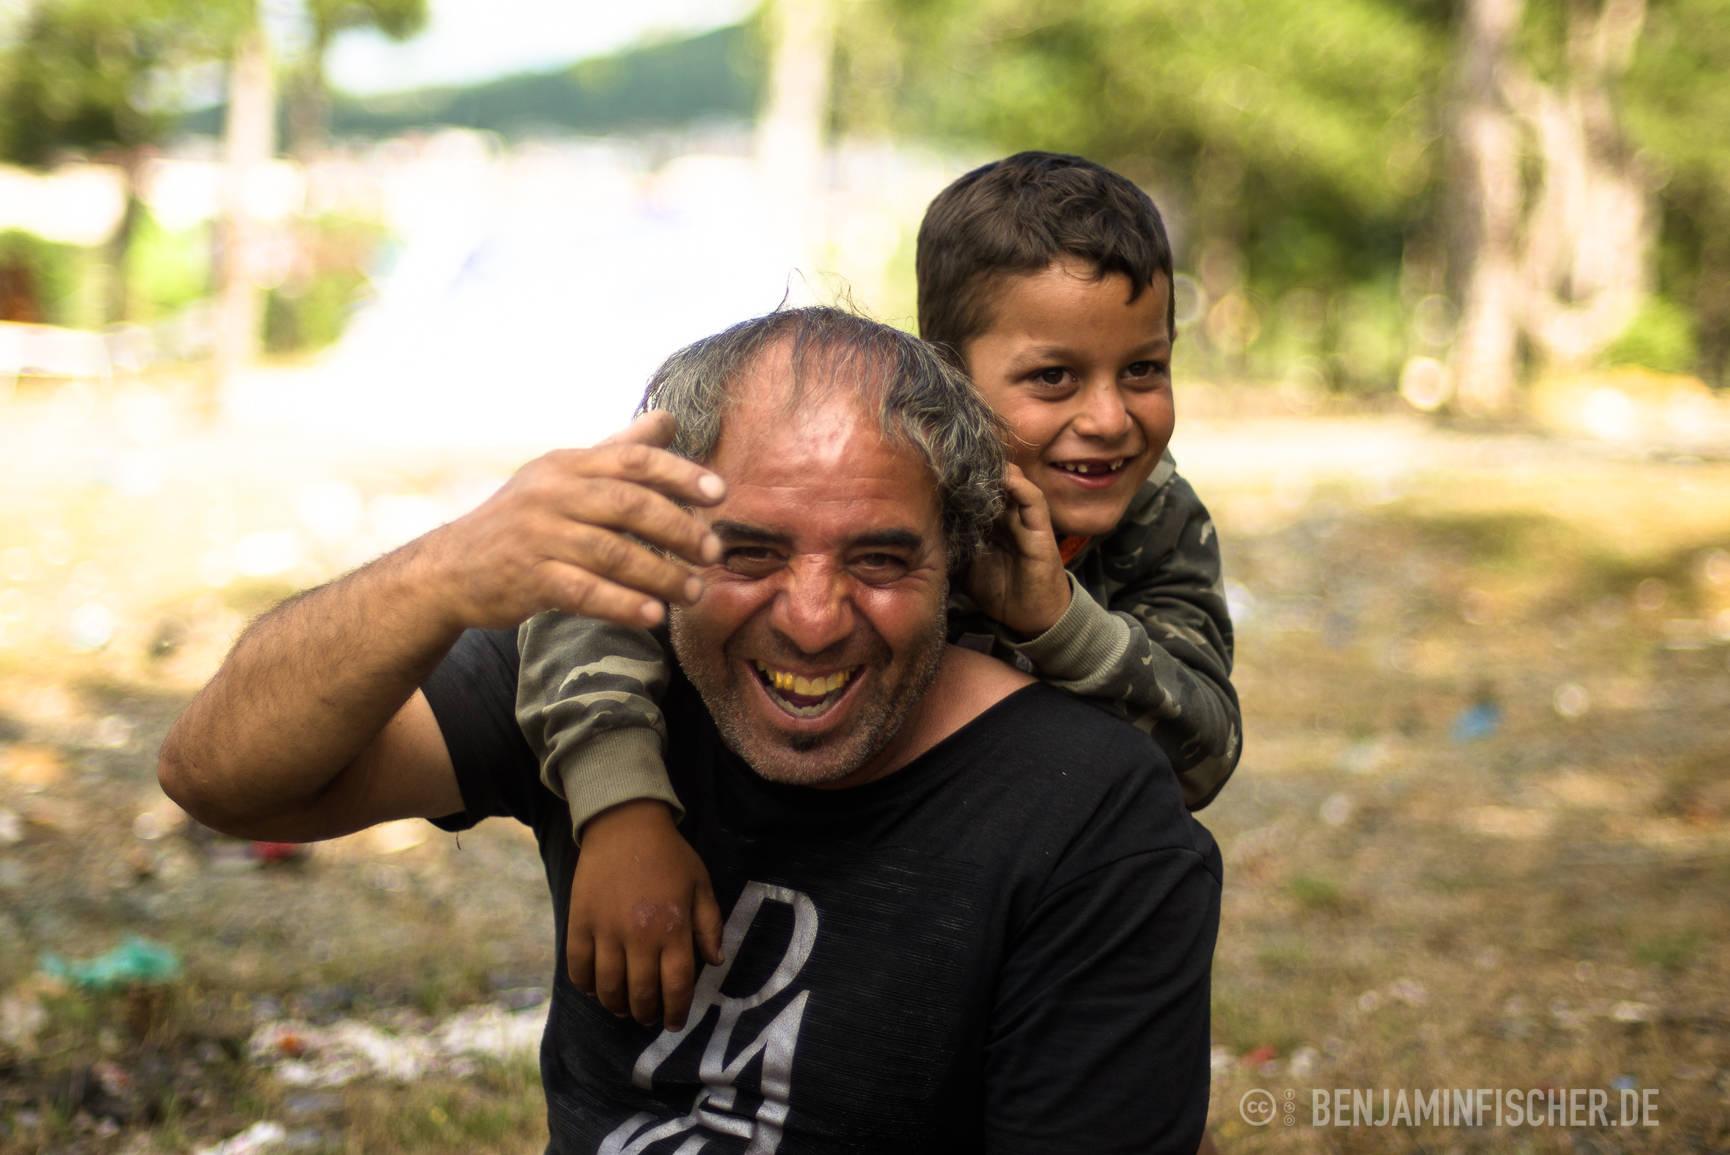 Der siebenjährige Blero spielt mit seinem Großvater.